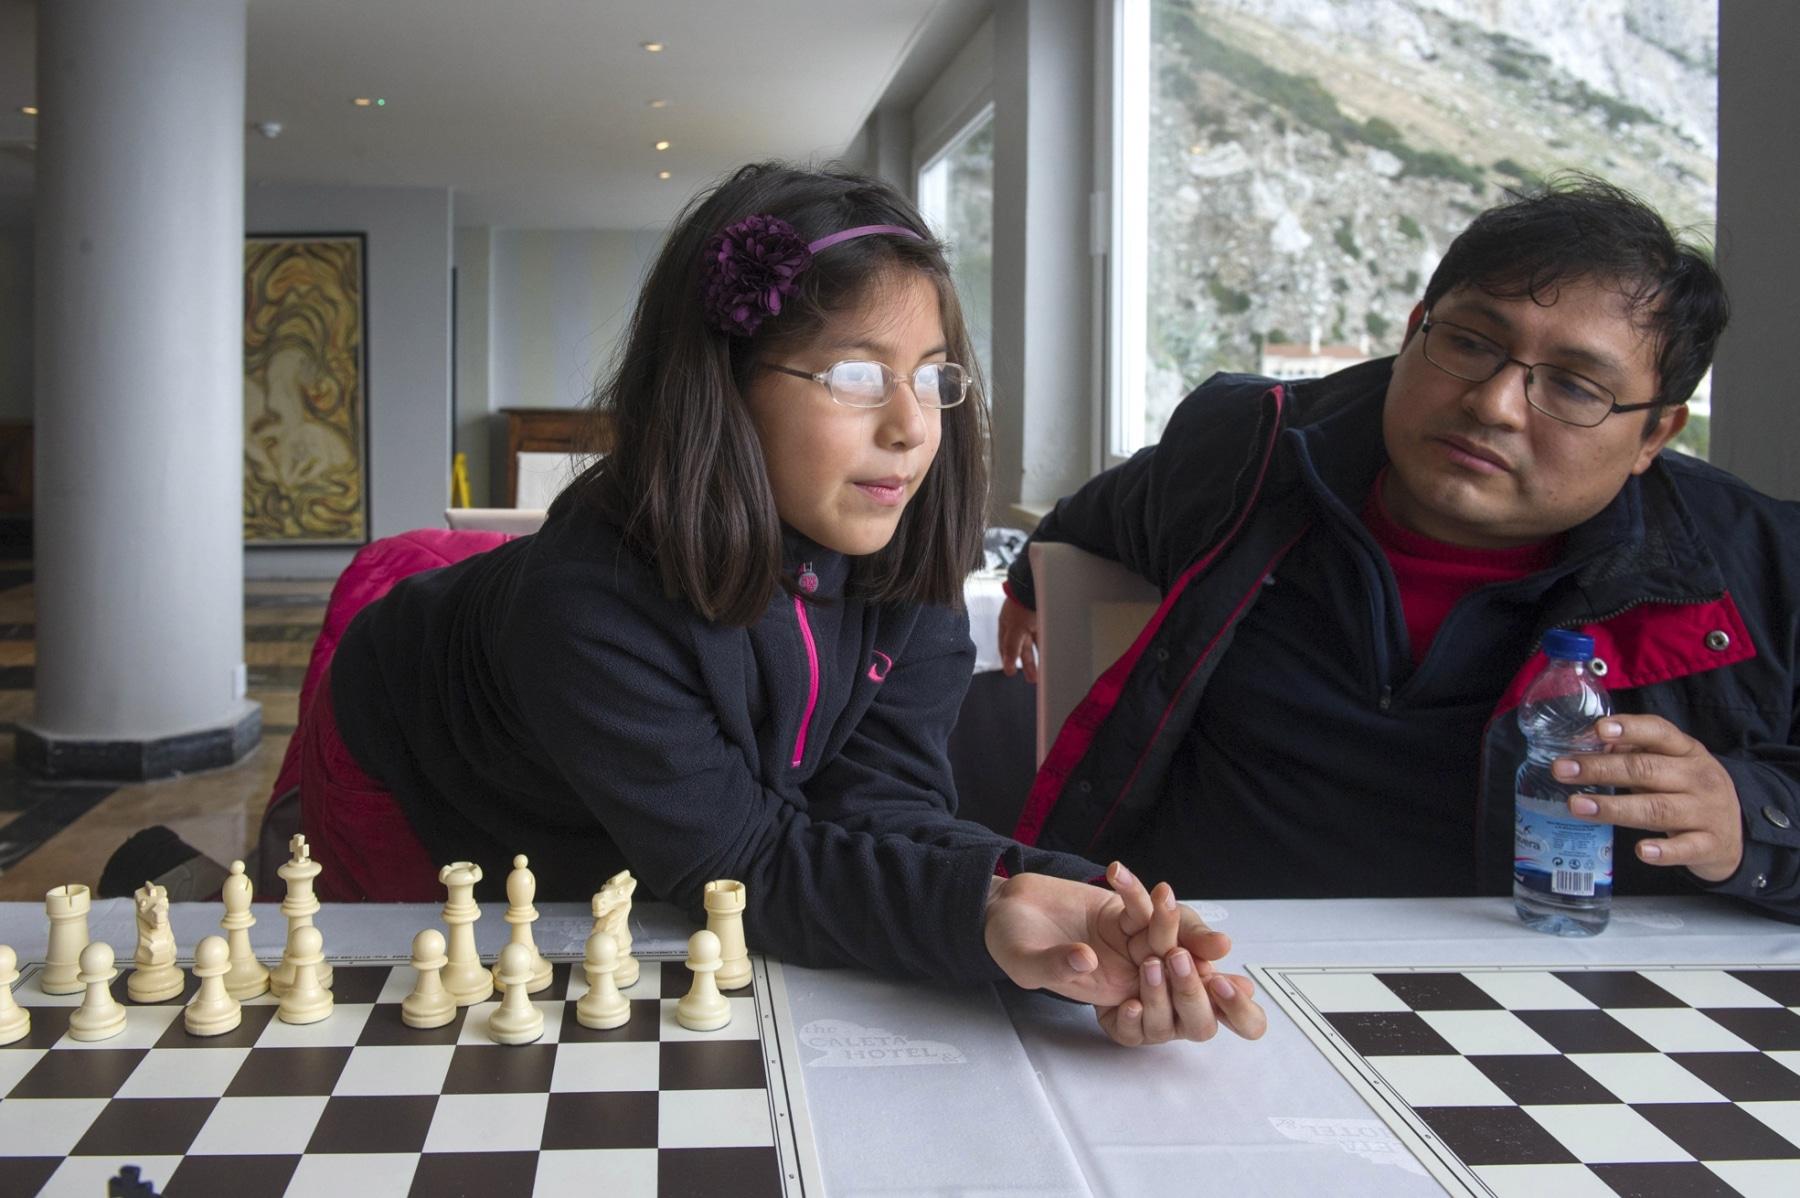 tradewise-chess-festival-entrevistas-y-ambiente27_12249479774_o